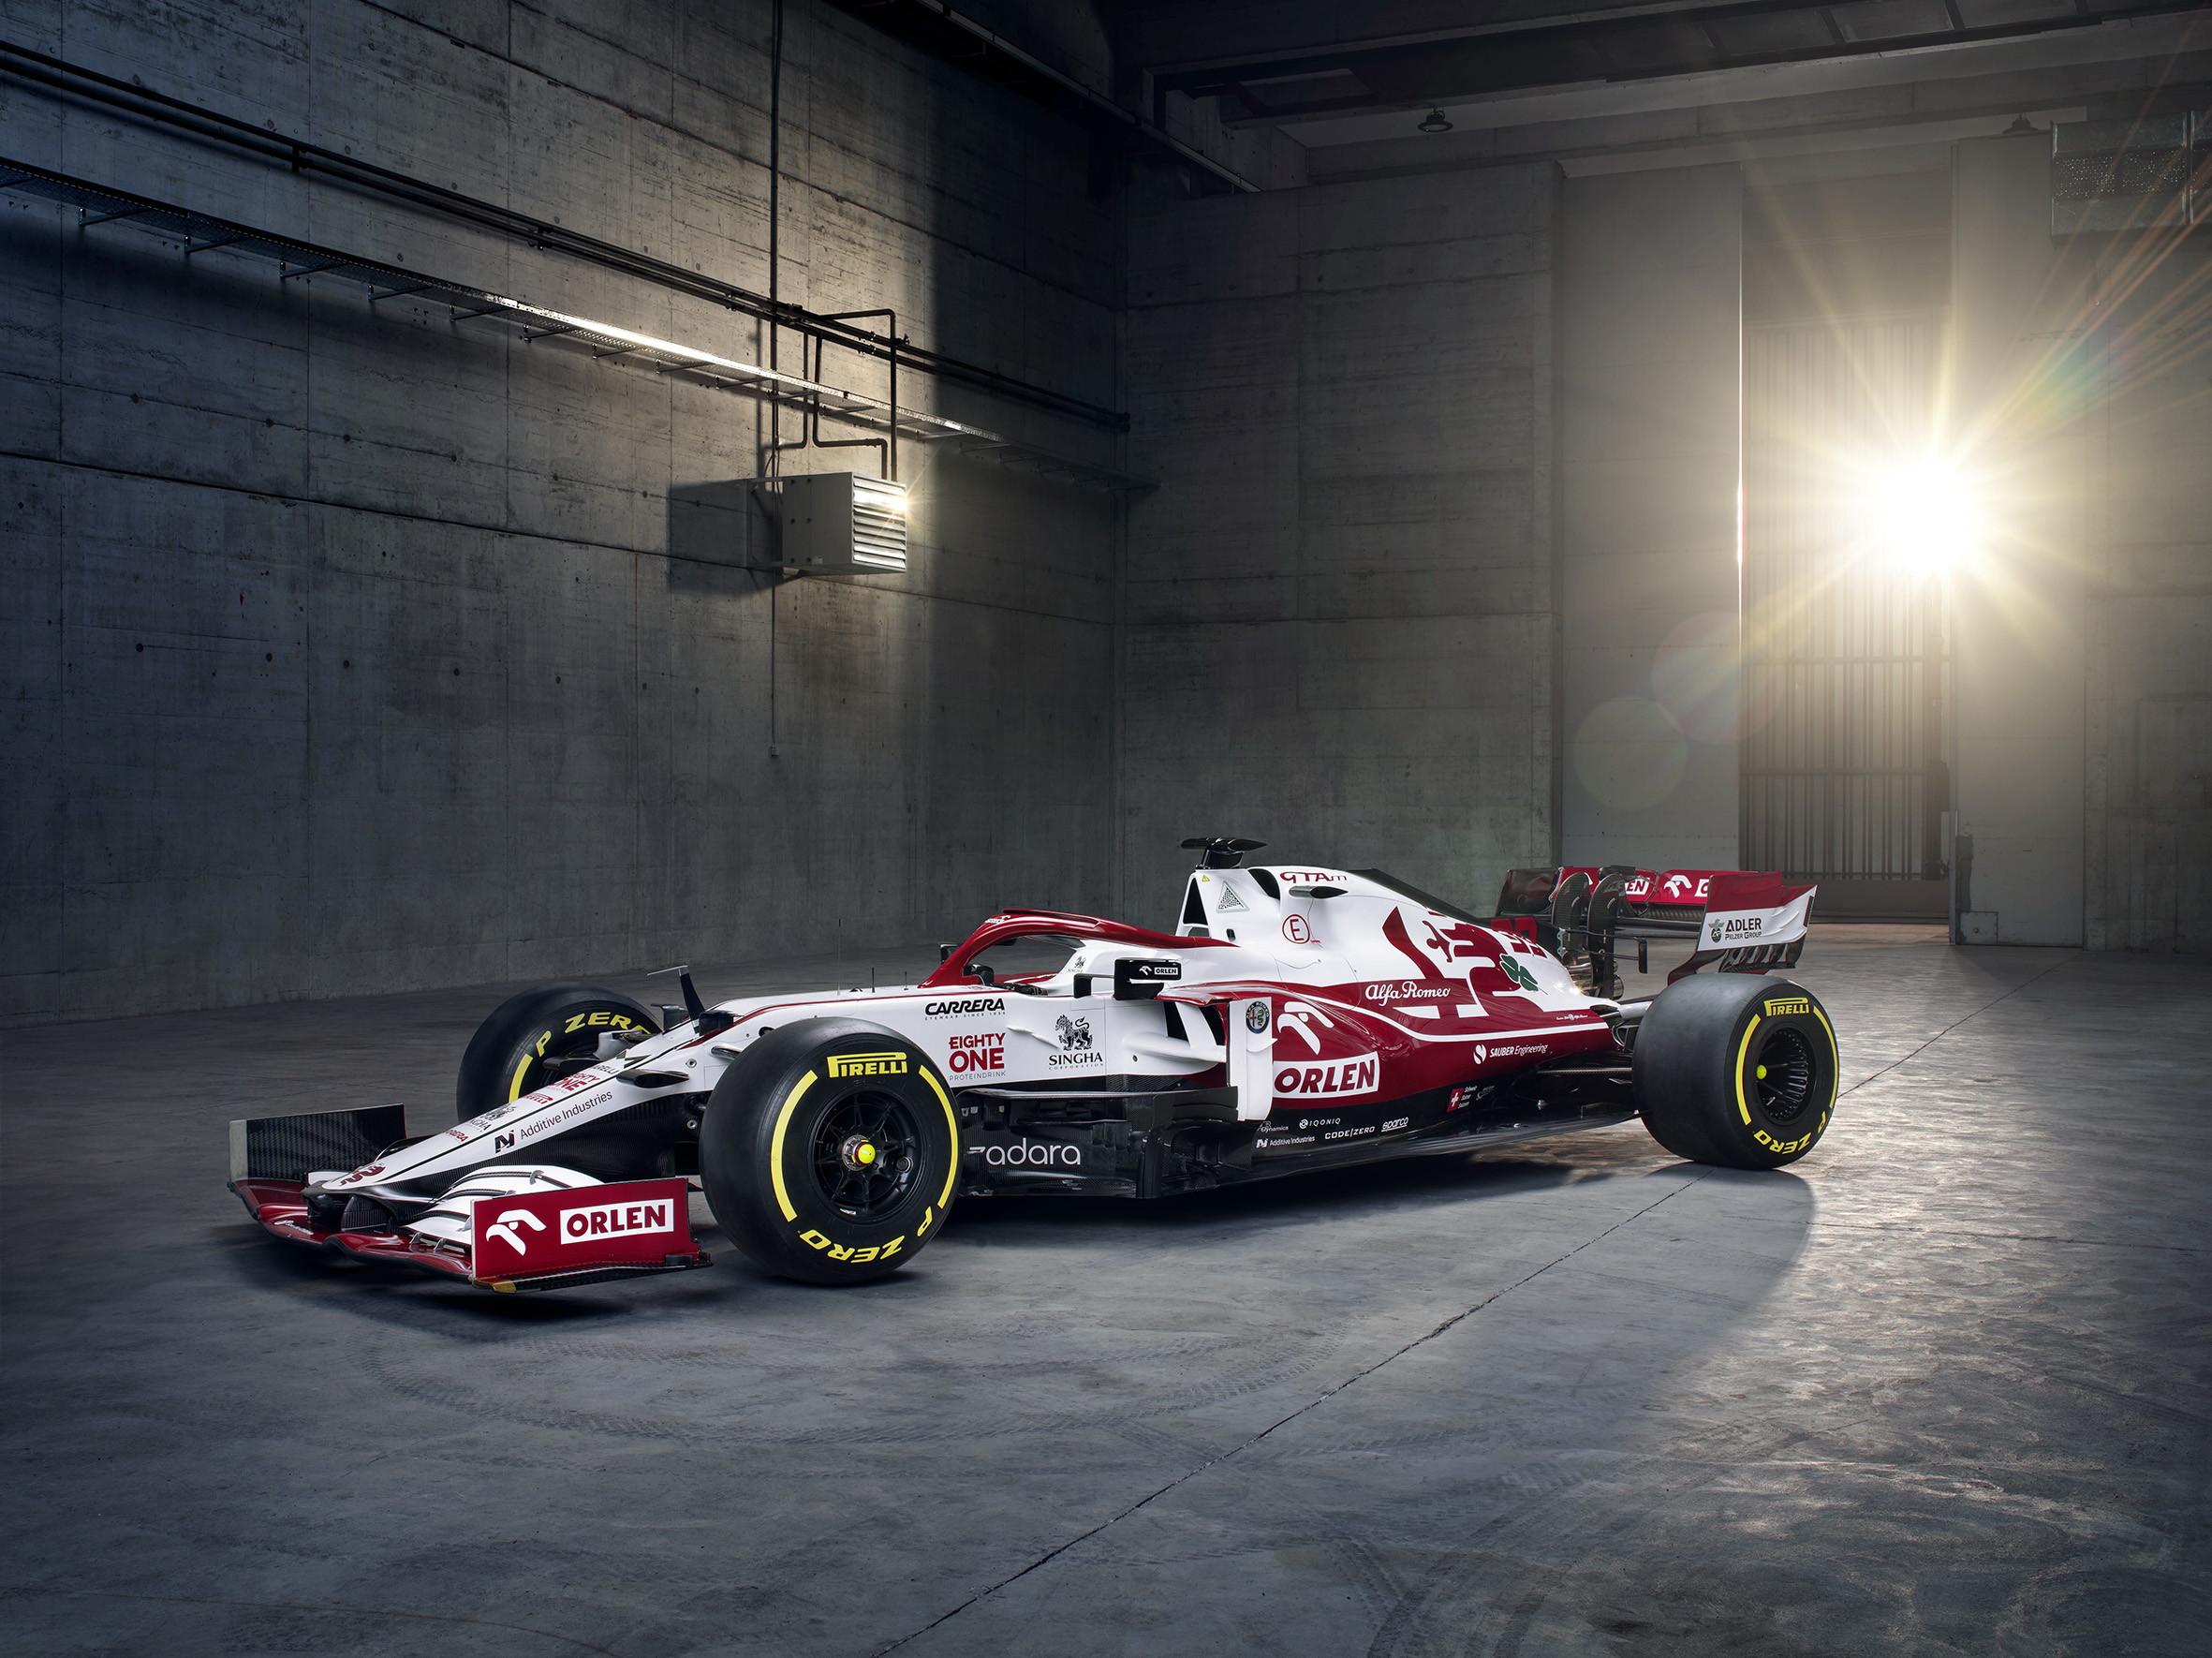 Ecco la nuova monoposto di Antonio e Kimi.<br /><br />